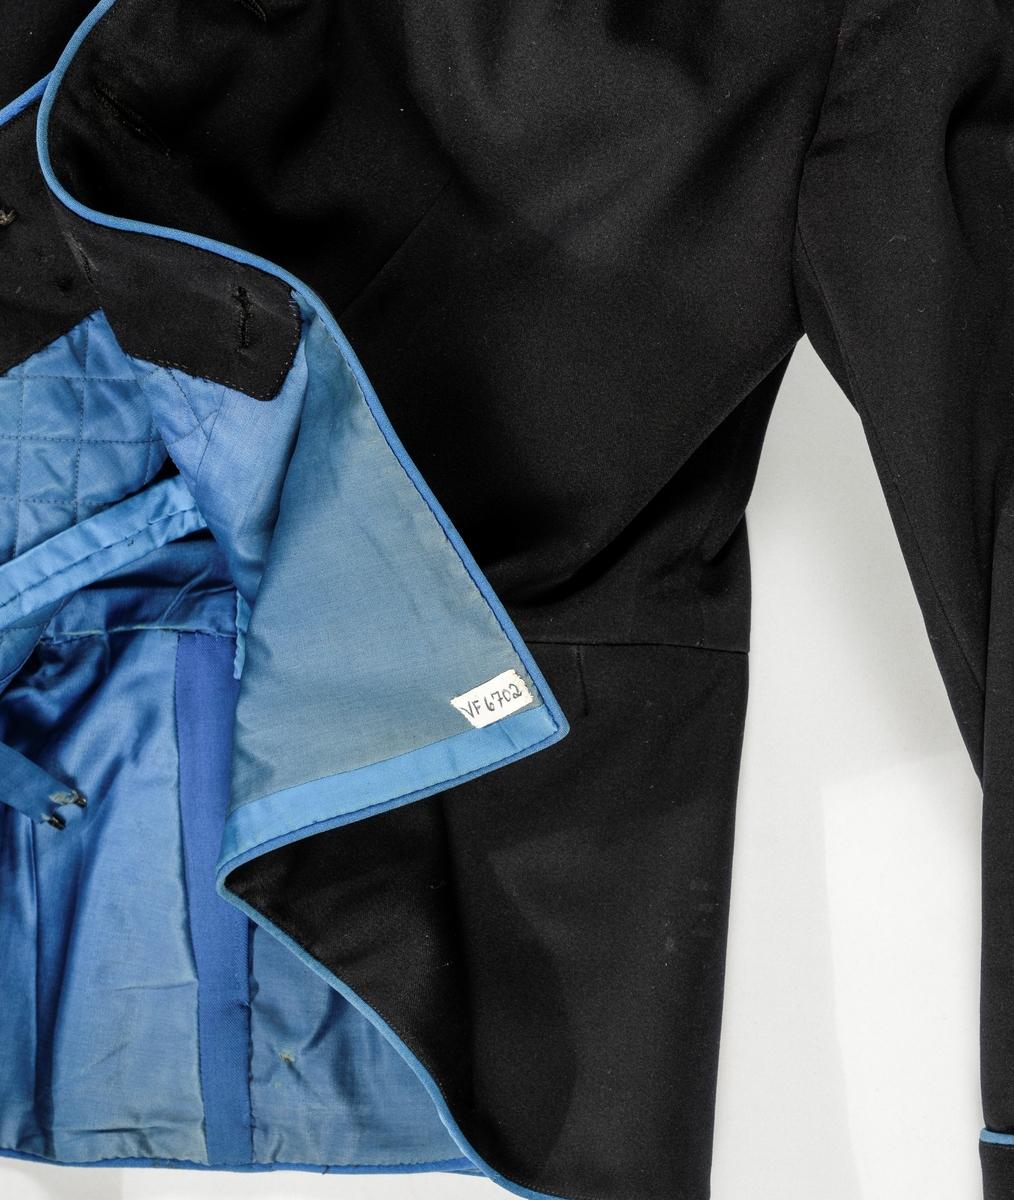 Uniformsjakke i svart klede med blåe tittekantar ved opningen framme på båe sider, langs kanten nede, rundt splitten midt bak og rundt mansjettane. Nederst påsett ei kappe. Blå ståkrage kanta med sølvband. Ei stjerne på kvar side av kragen. Åtte knappar og knappehol. Splitt i ryggen med 6 knappar. Bakovertrekte skuldersaumar, og svinga sidesaumar i ryggen. Todelt erme, mansjett med eit blått tøystykke og tre knappar på kvart erme. Fóra med blått blankt satengvove bomullstøy, vattert på framstykke ned til livet. Ei innerlomme. Spensel med hekte og krok for å halda jakka saman.